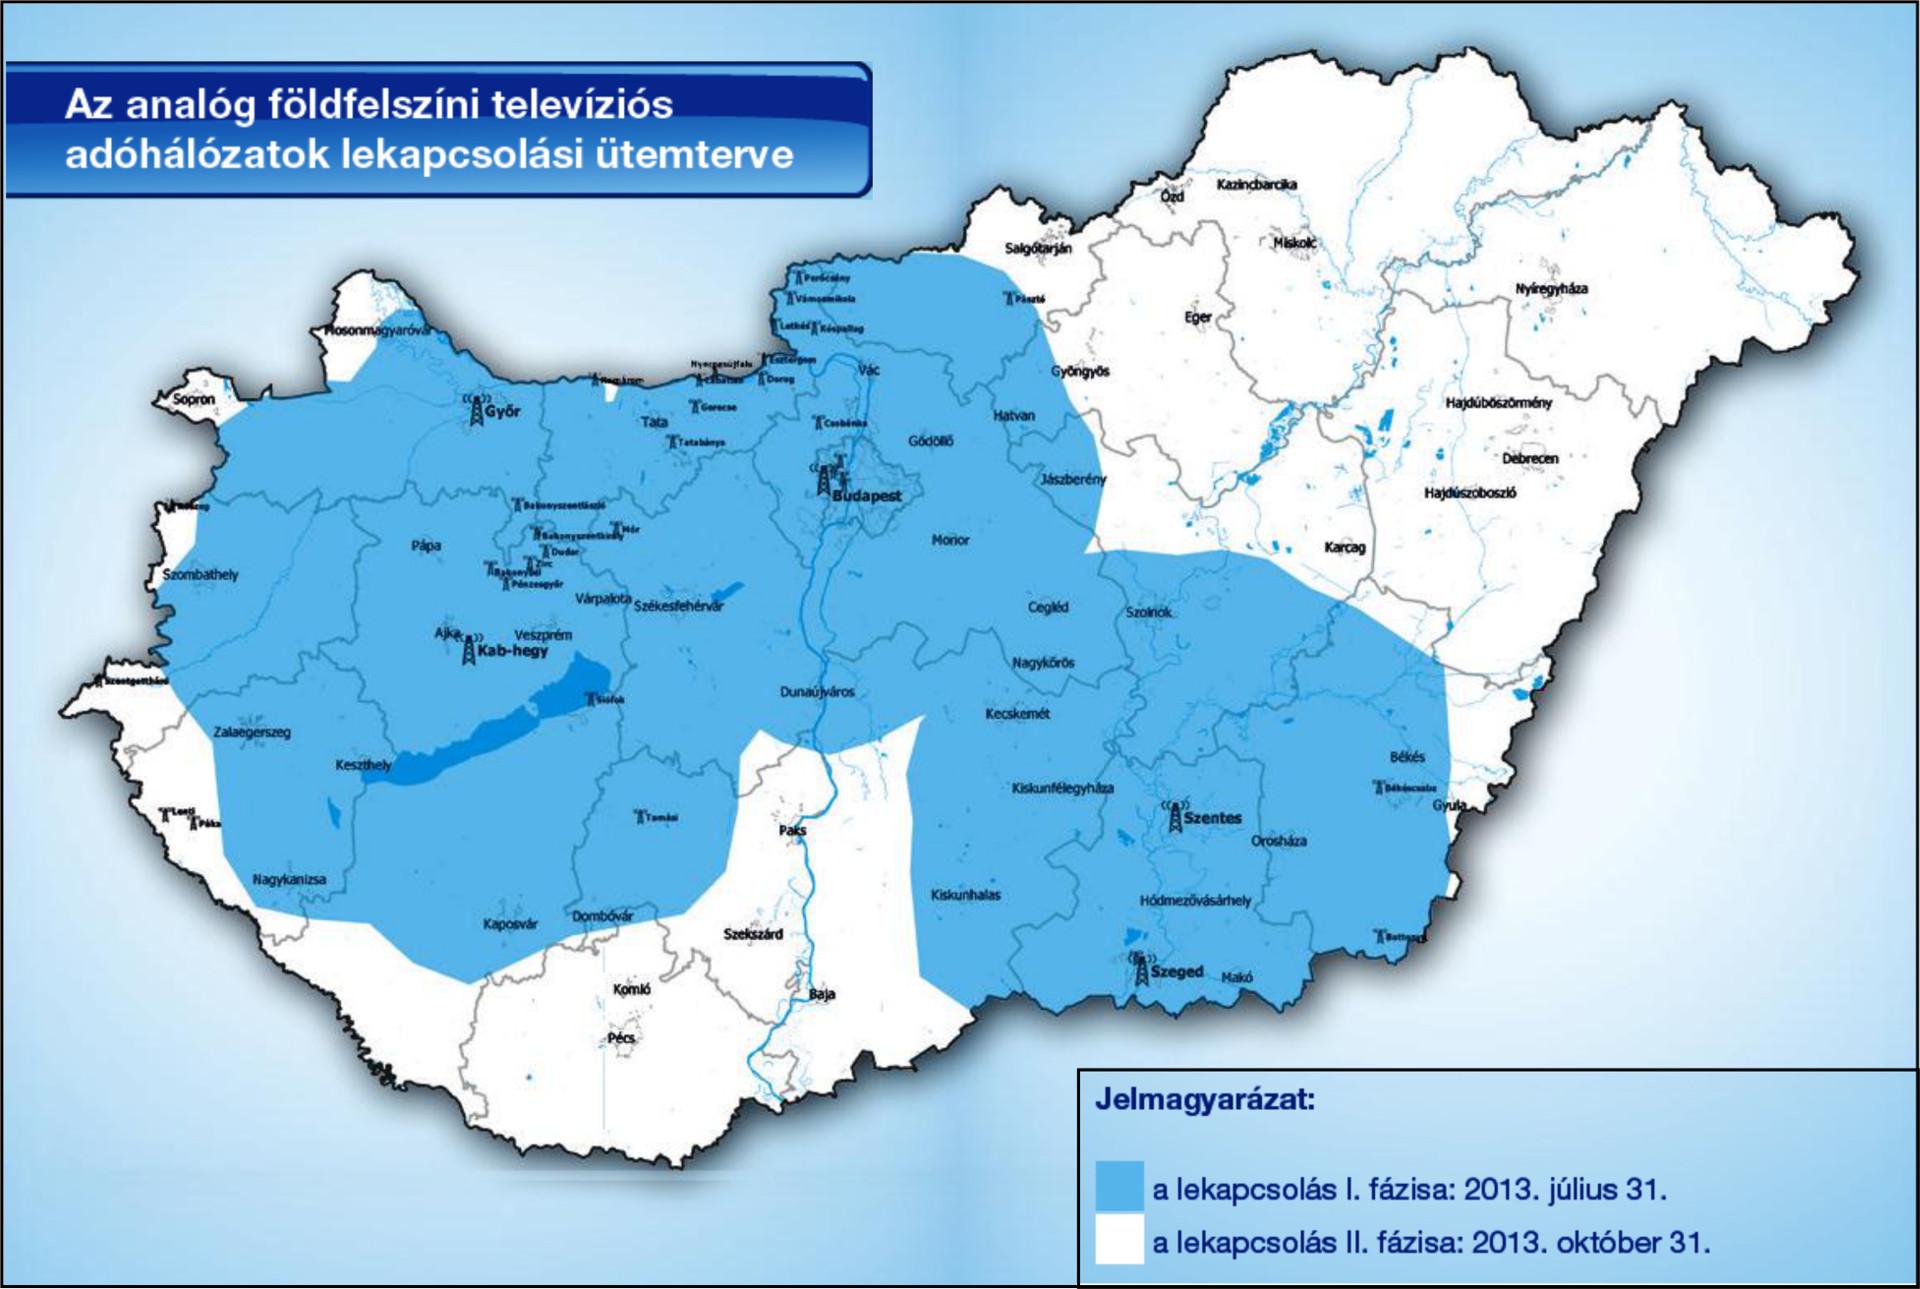 upc lefedettség magyarország térkép Október 31 én megszűnik a hazai analóg földfelszíni televíziós  upc lefedettség magyarország térkép